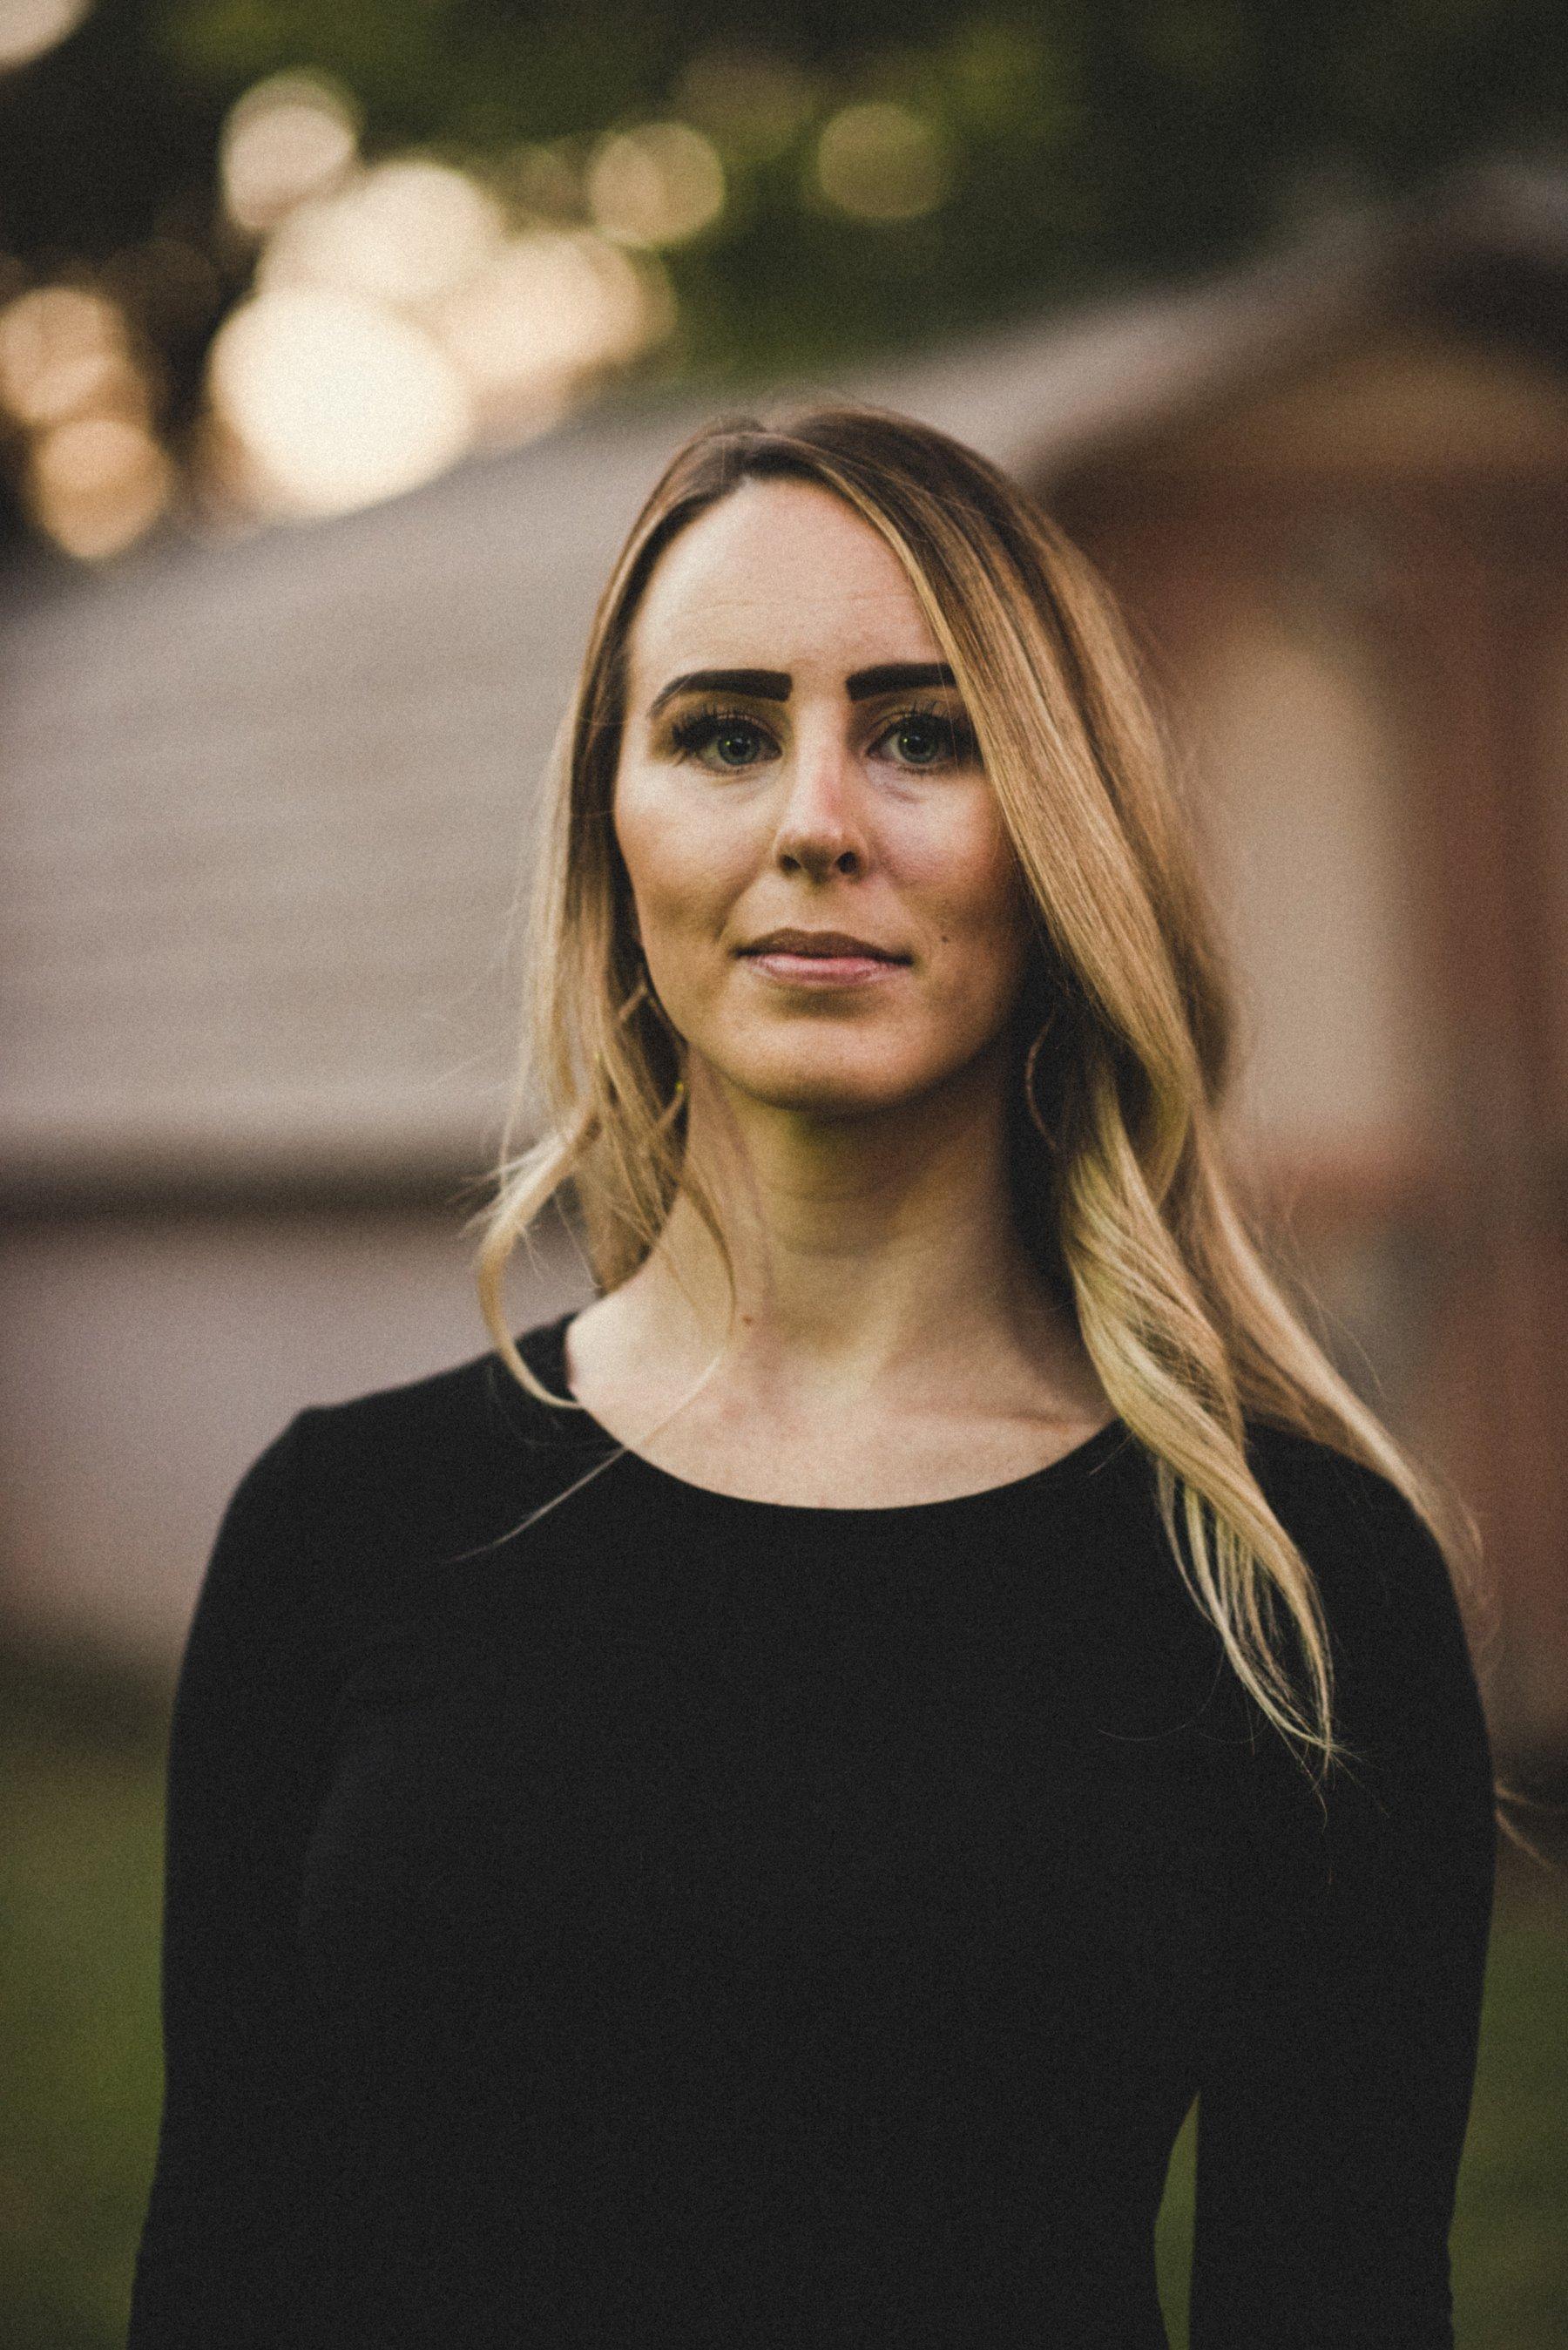 Danielle Bergman